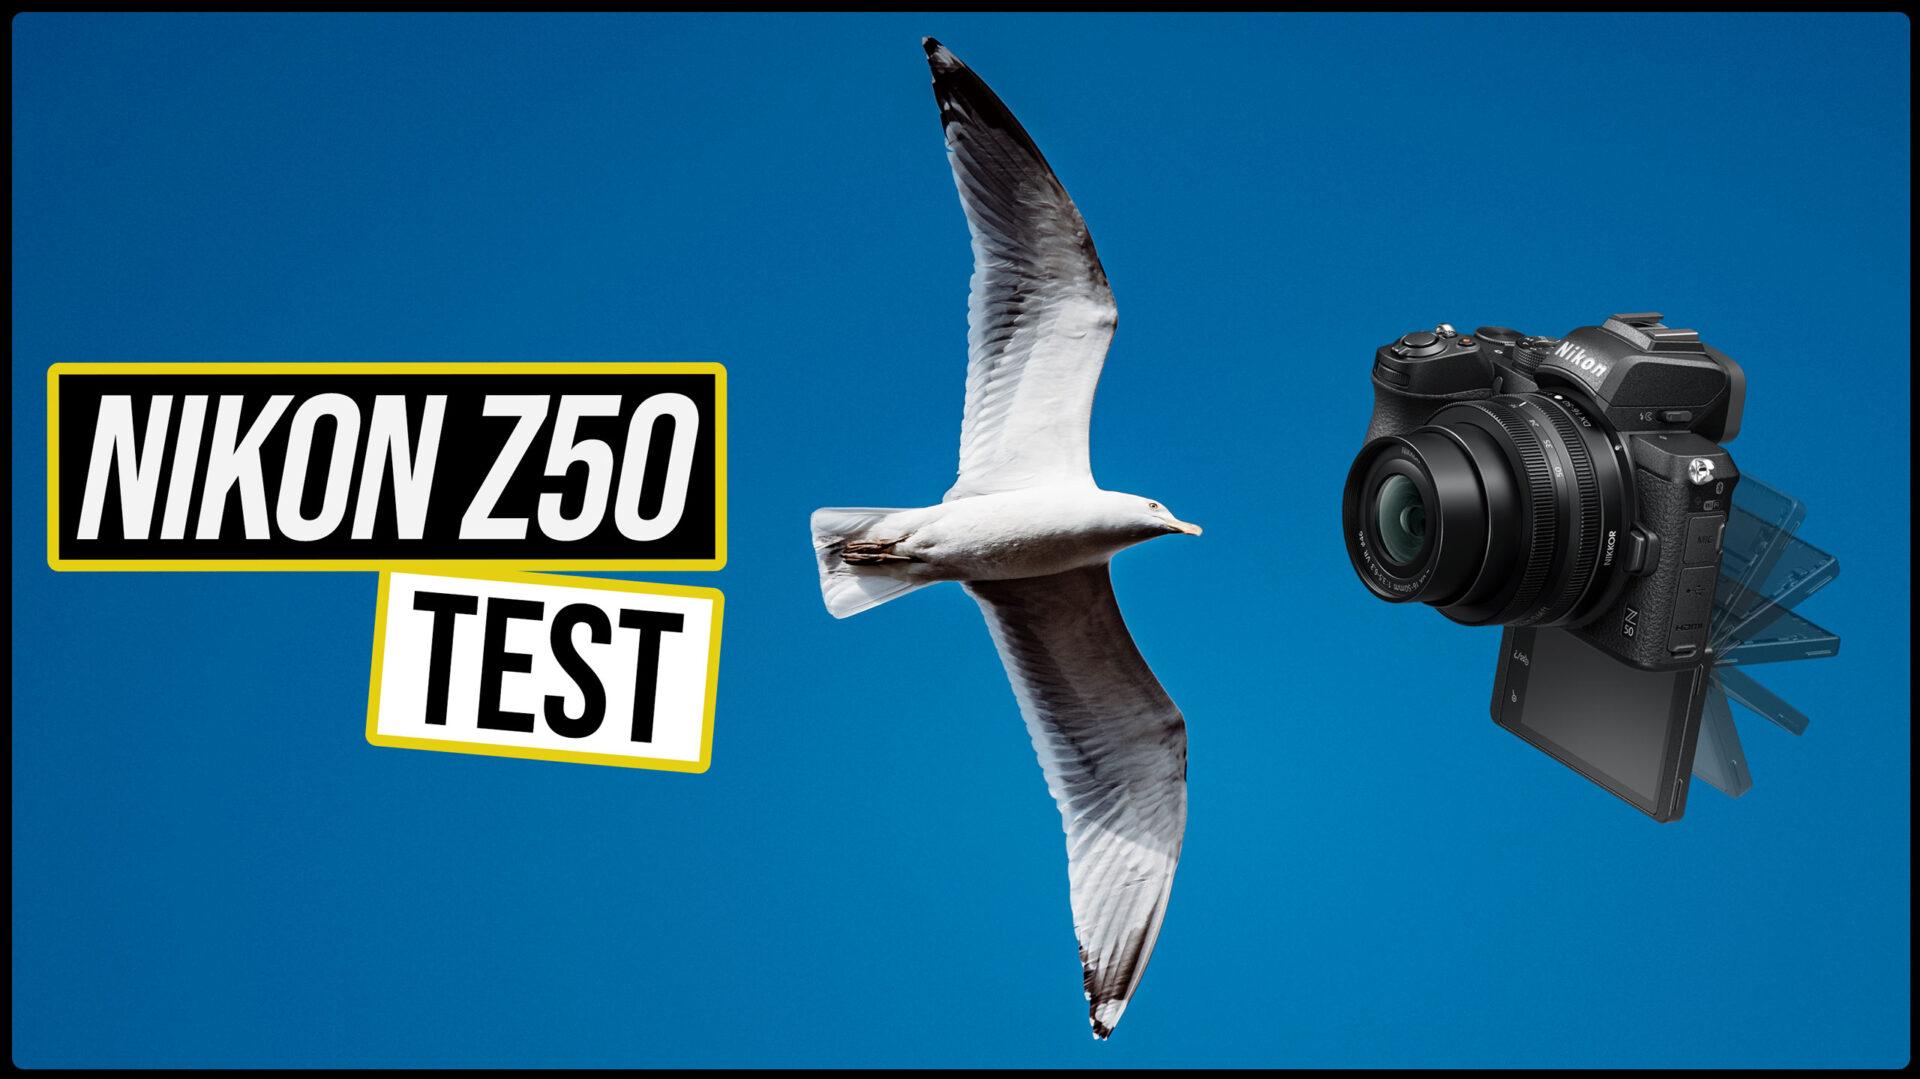 Nikon Z50 Test Review